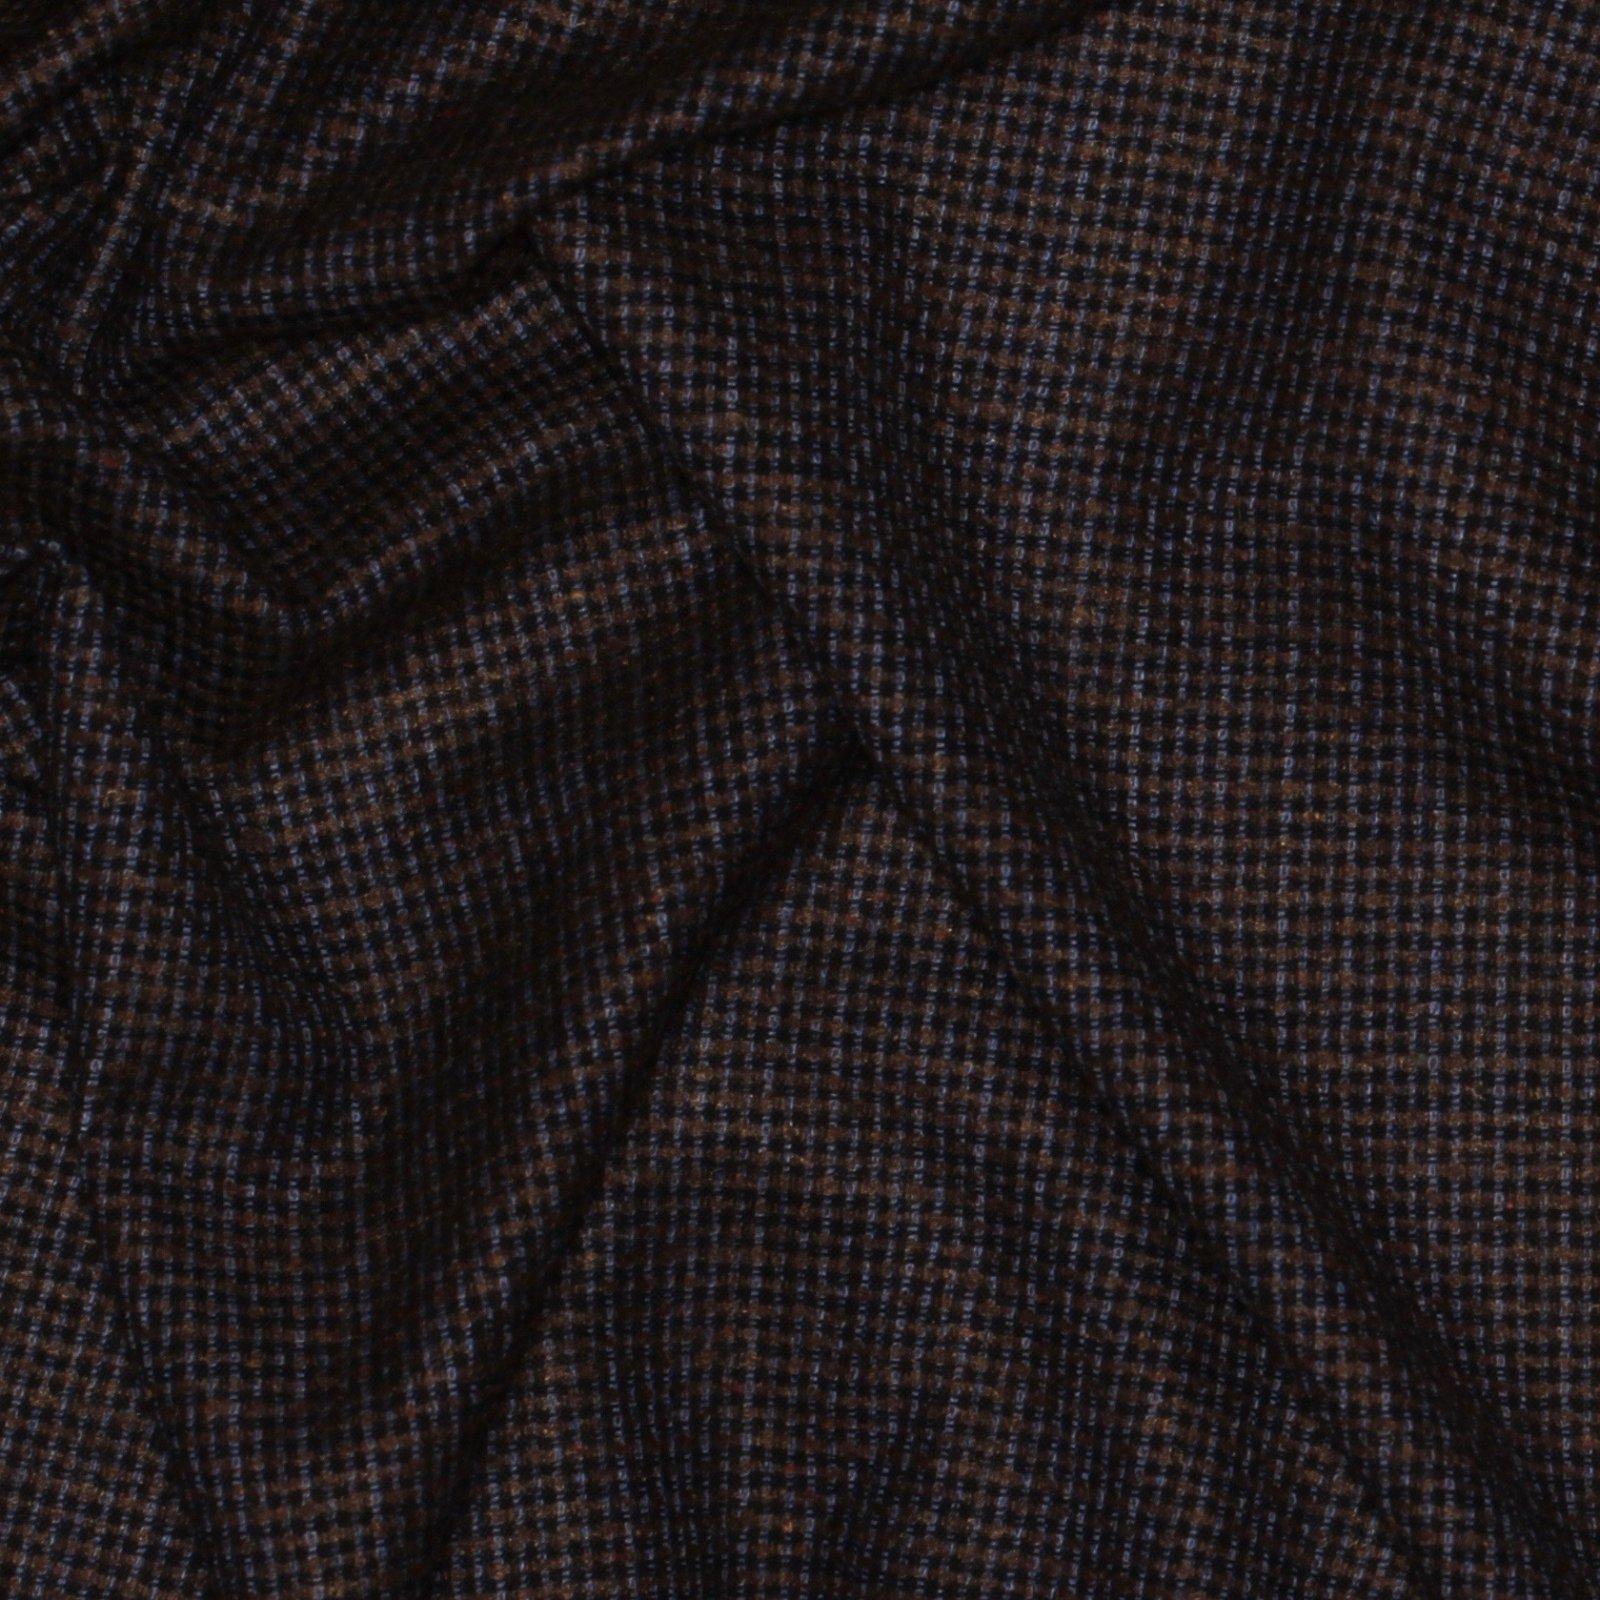 Brown/Blue/Periwinkle Italian Wool/Silk Tweed; 60